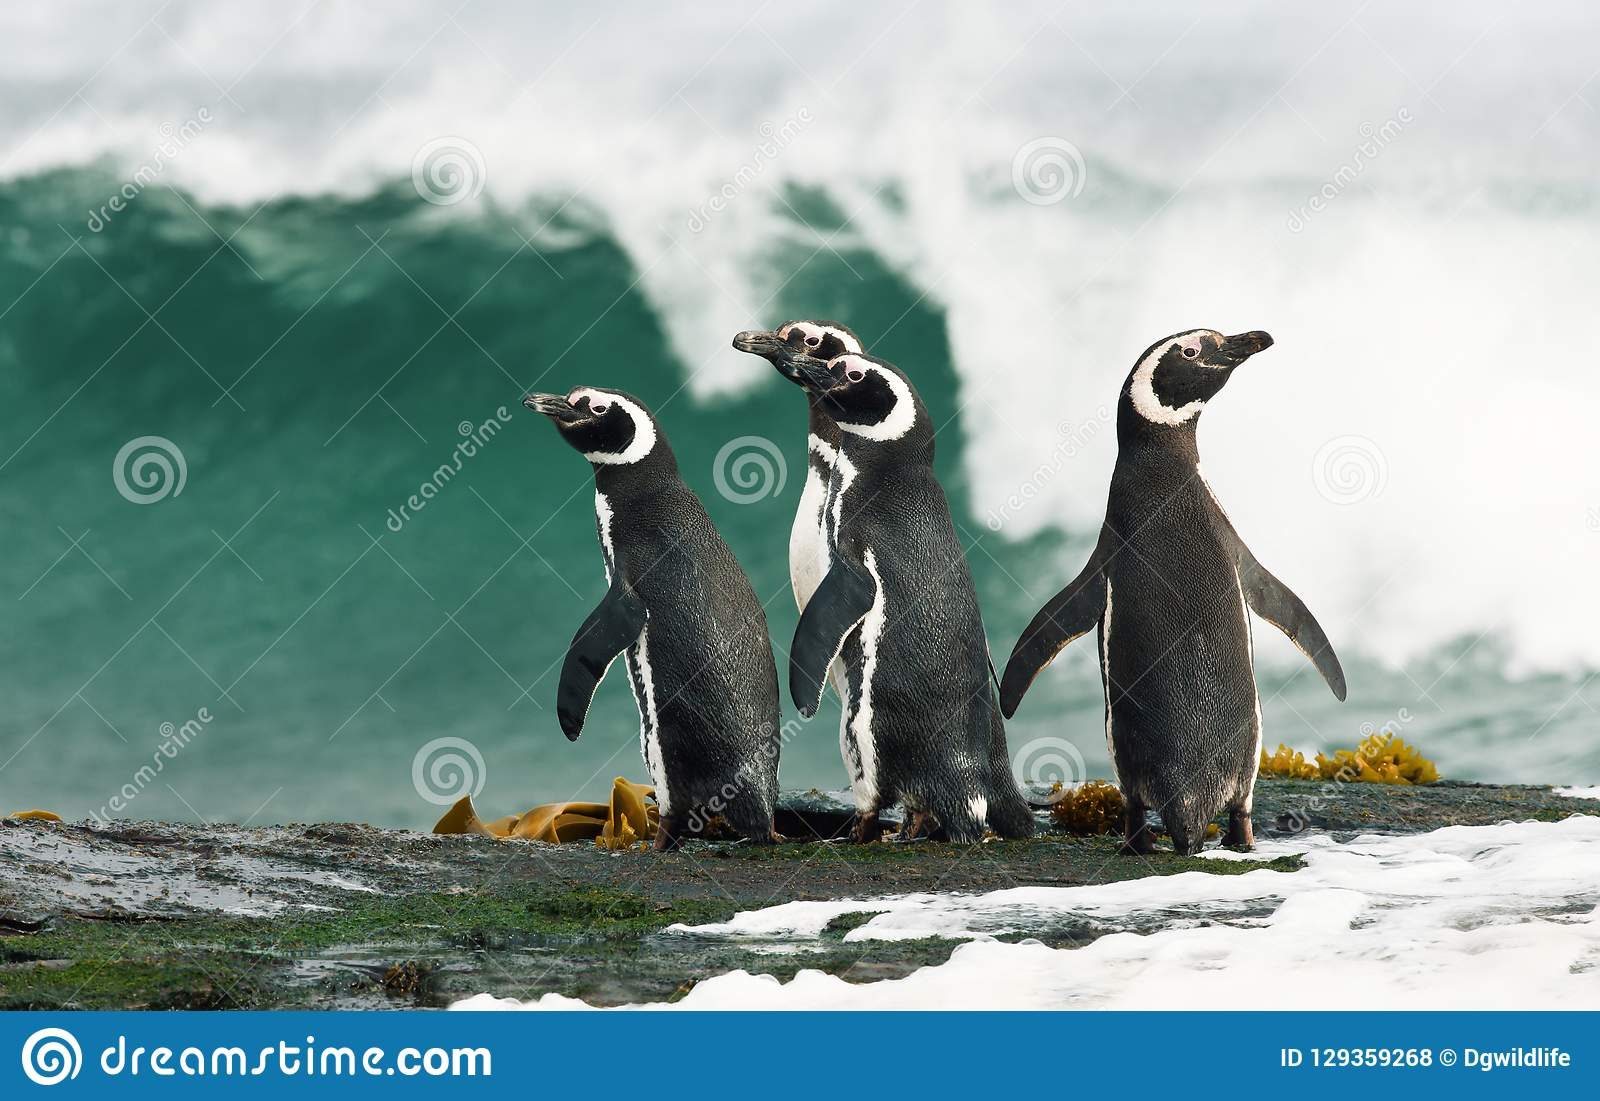 Pinguini di Magellanic che fanno una pausa l oceano tempestoso